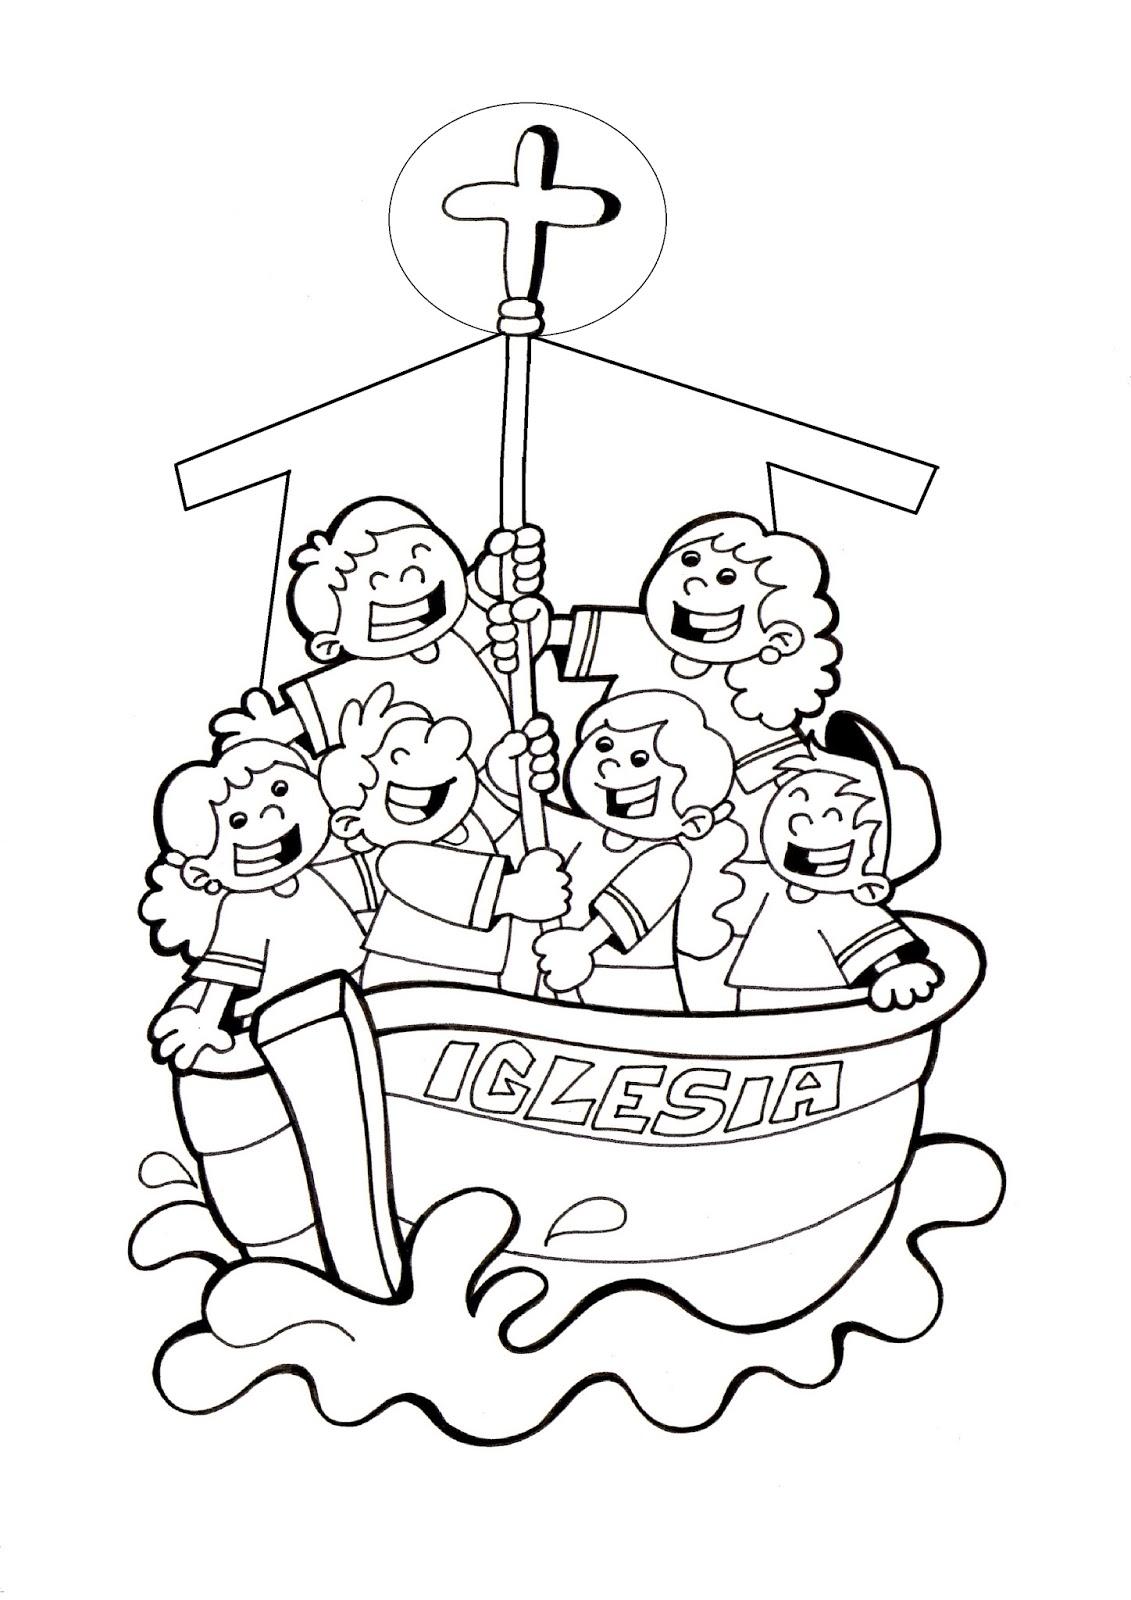 Dibujo Iglesia